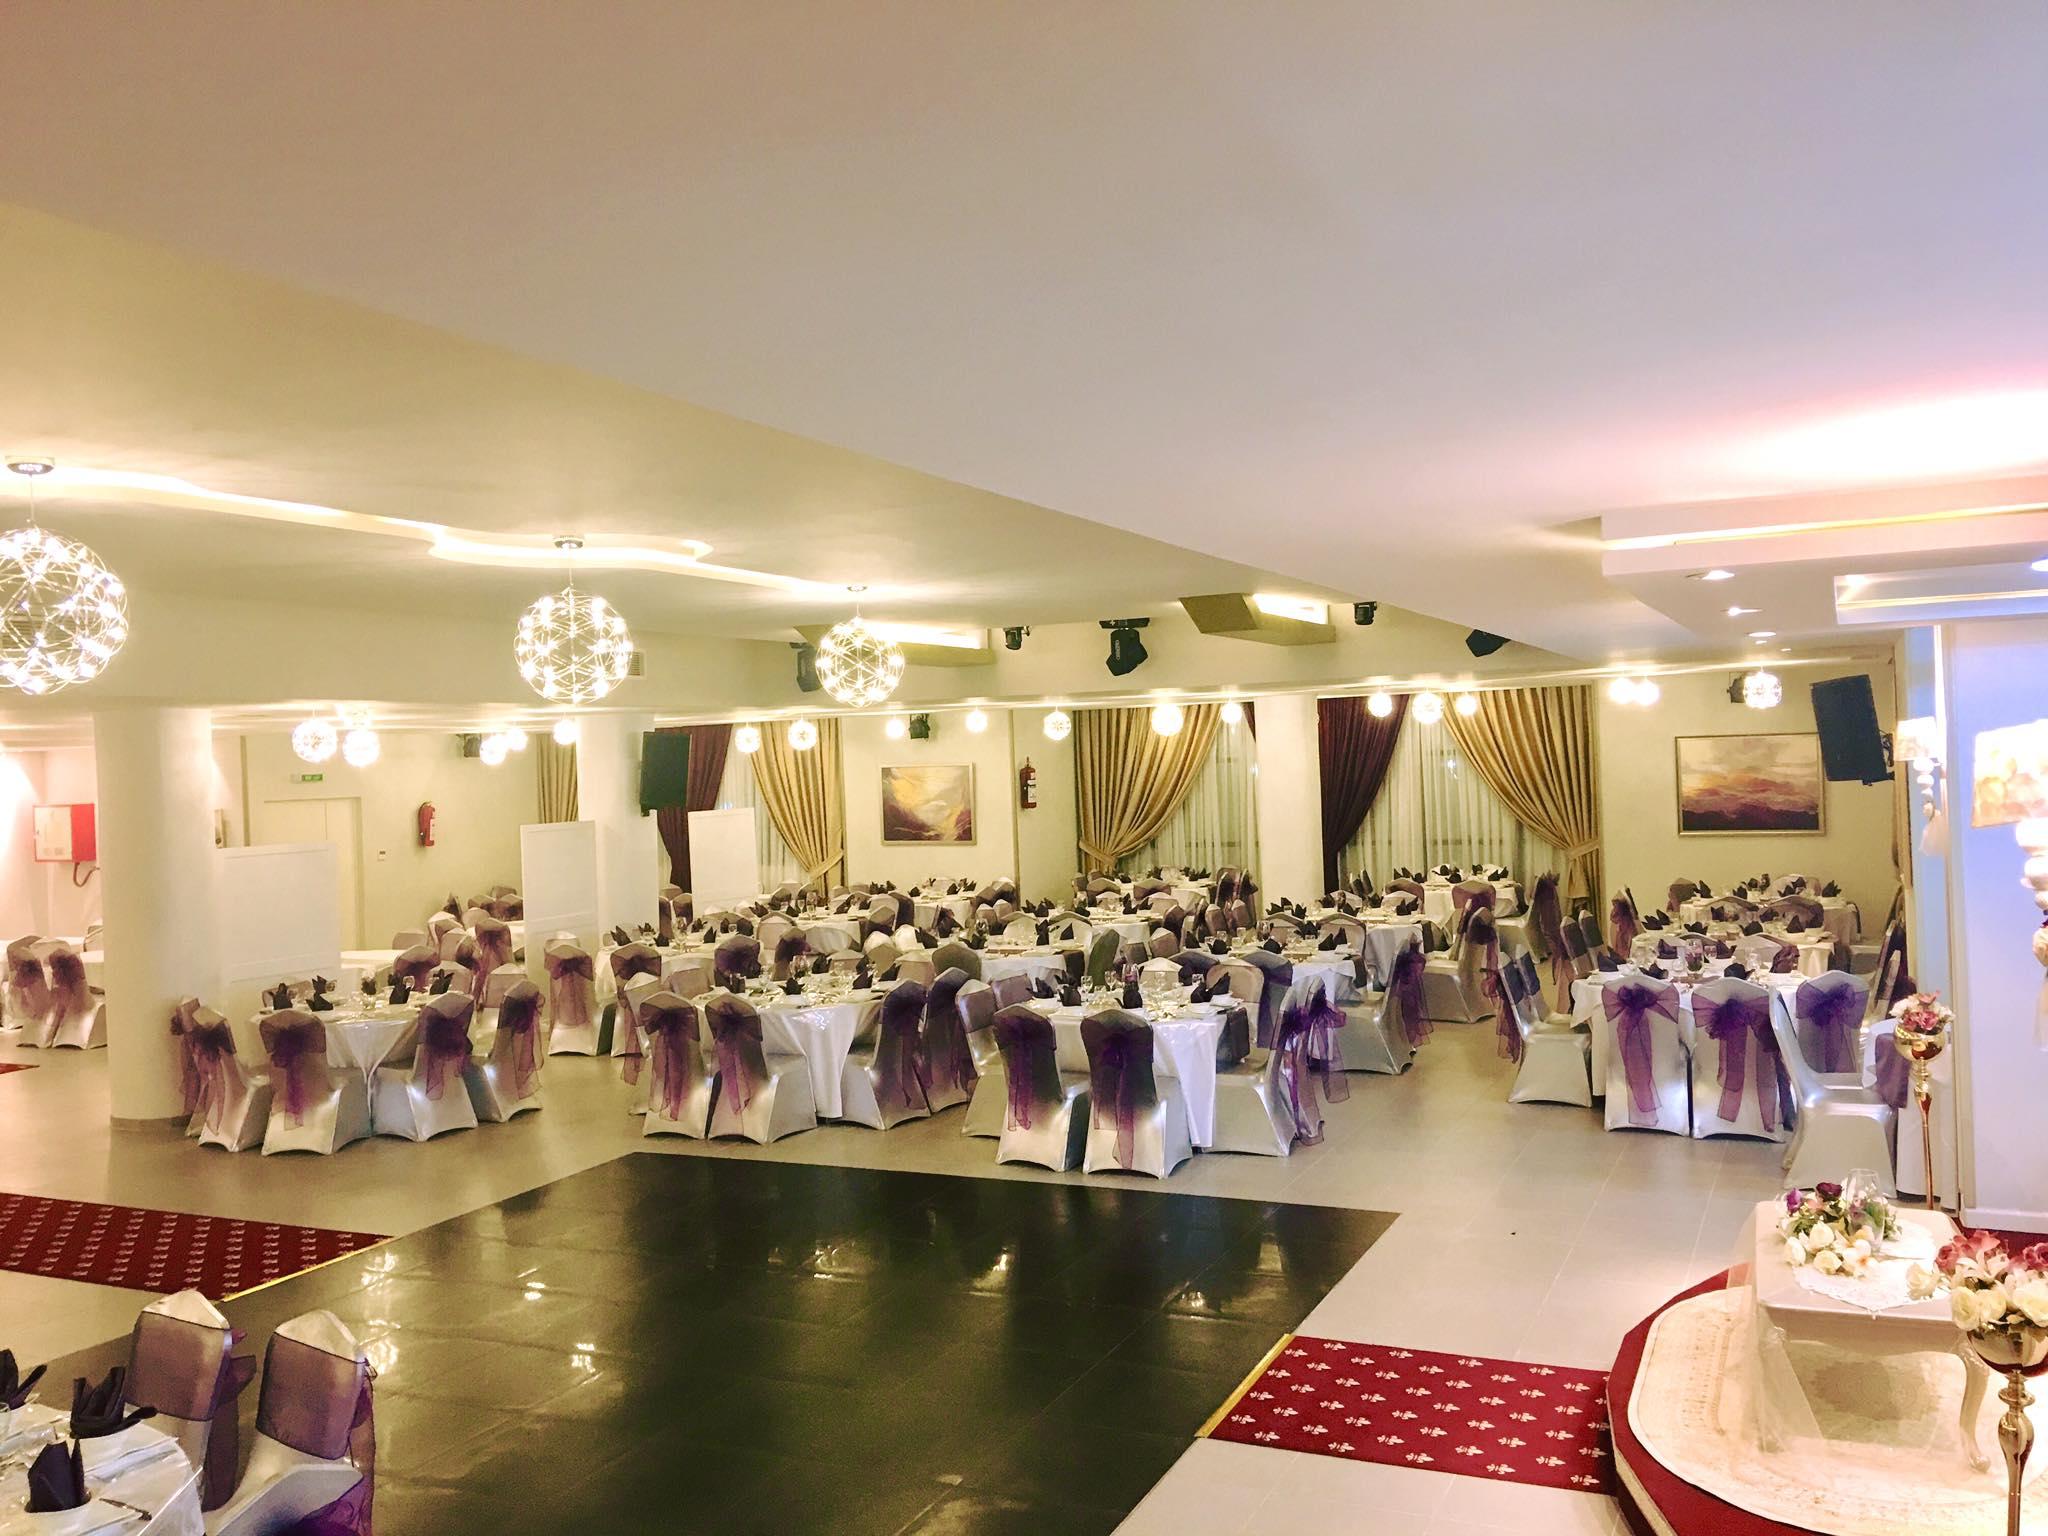 Salle des fêtes La Marquise, Es Senia, Oran - 3ersi.com